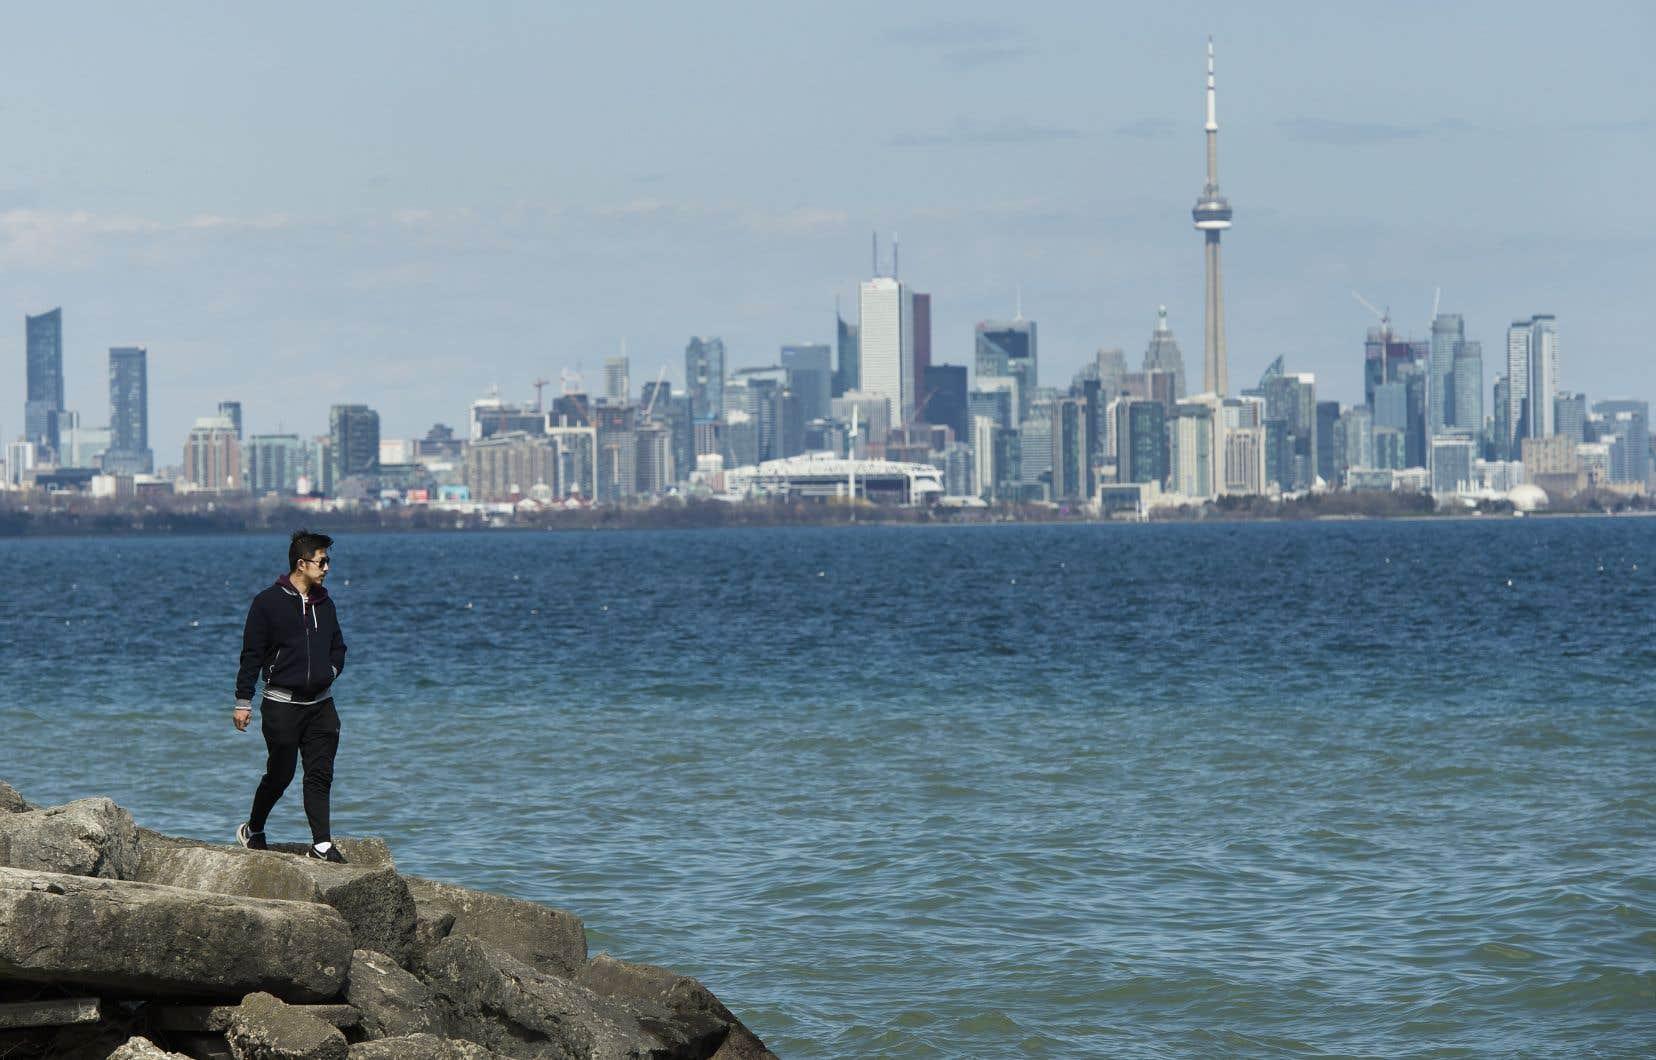 Le nouveau bilan en Ontario est maintenant de 15381 cas, 951 décès et 8964 cas résolus.